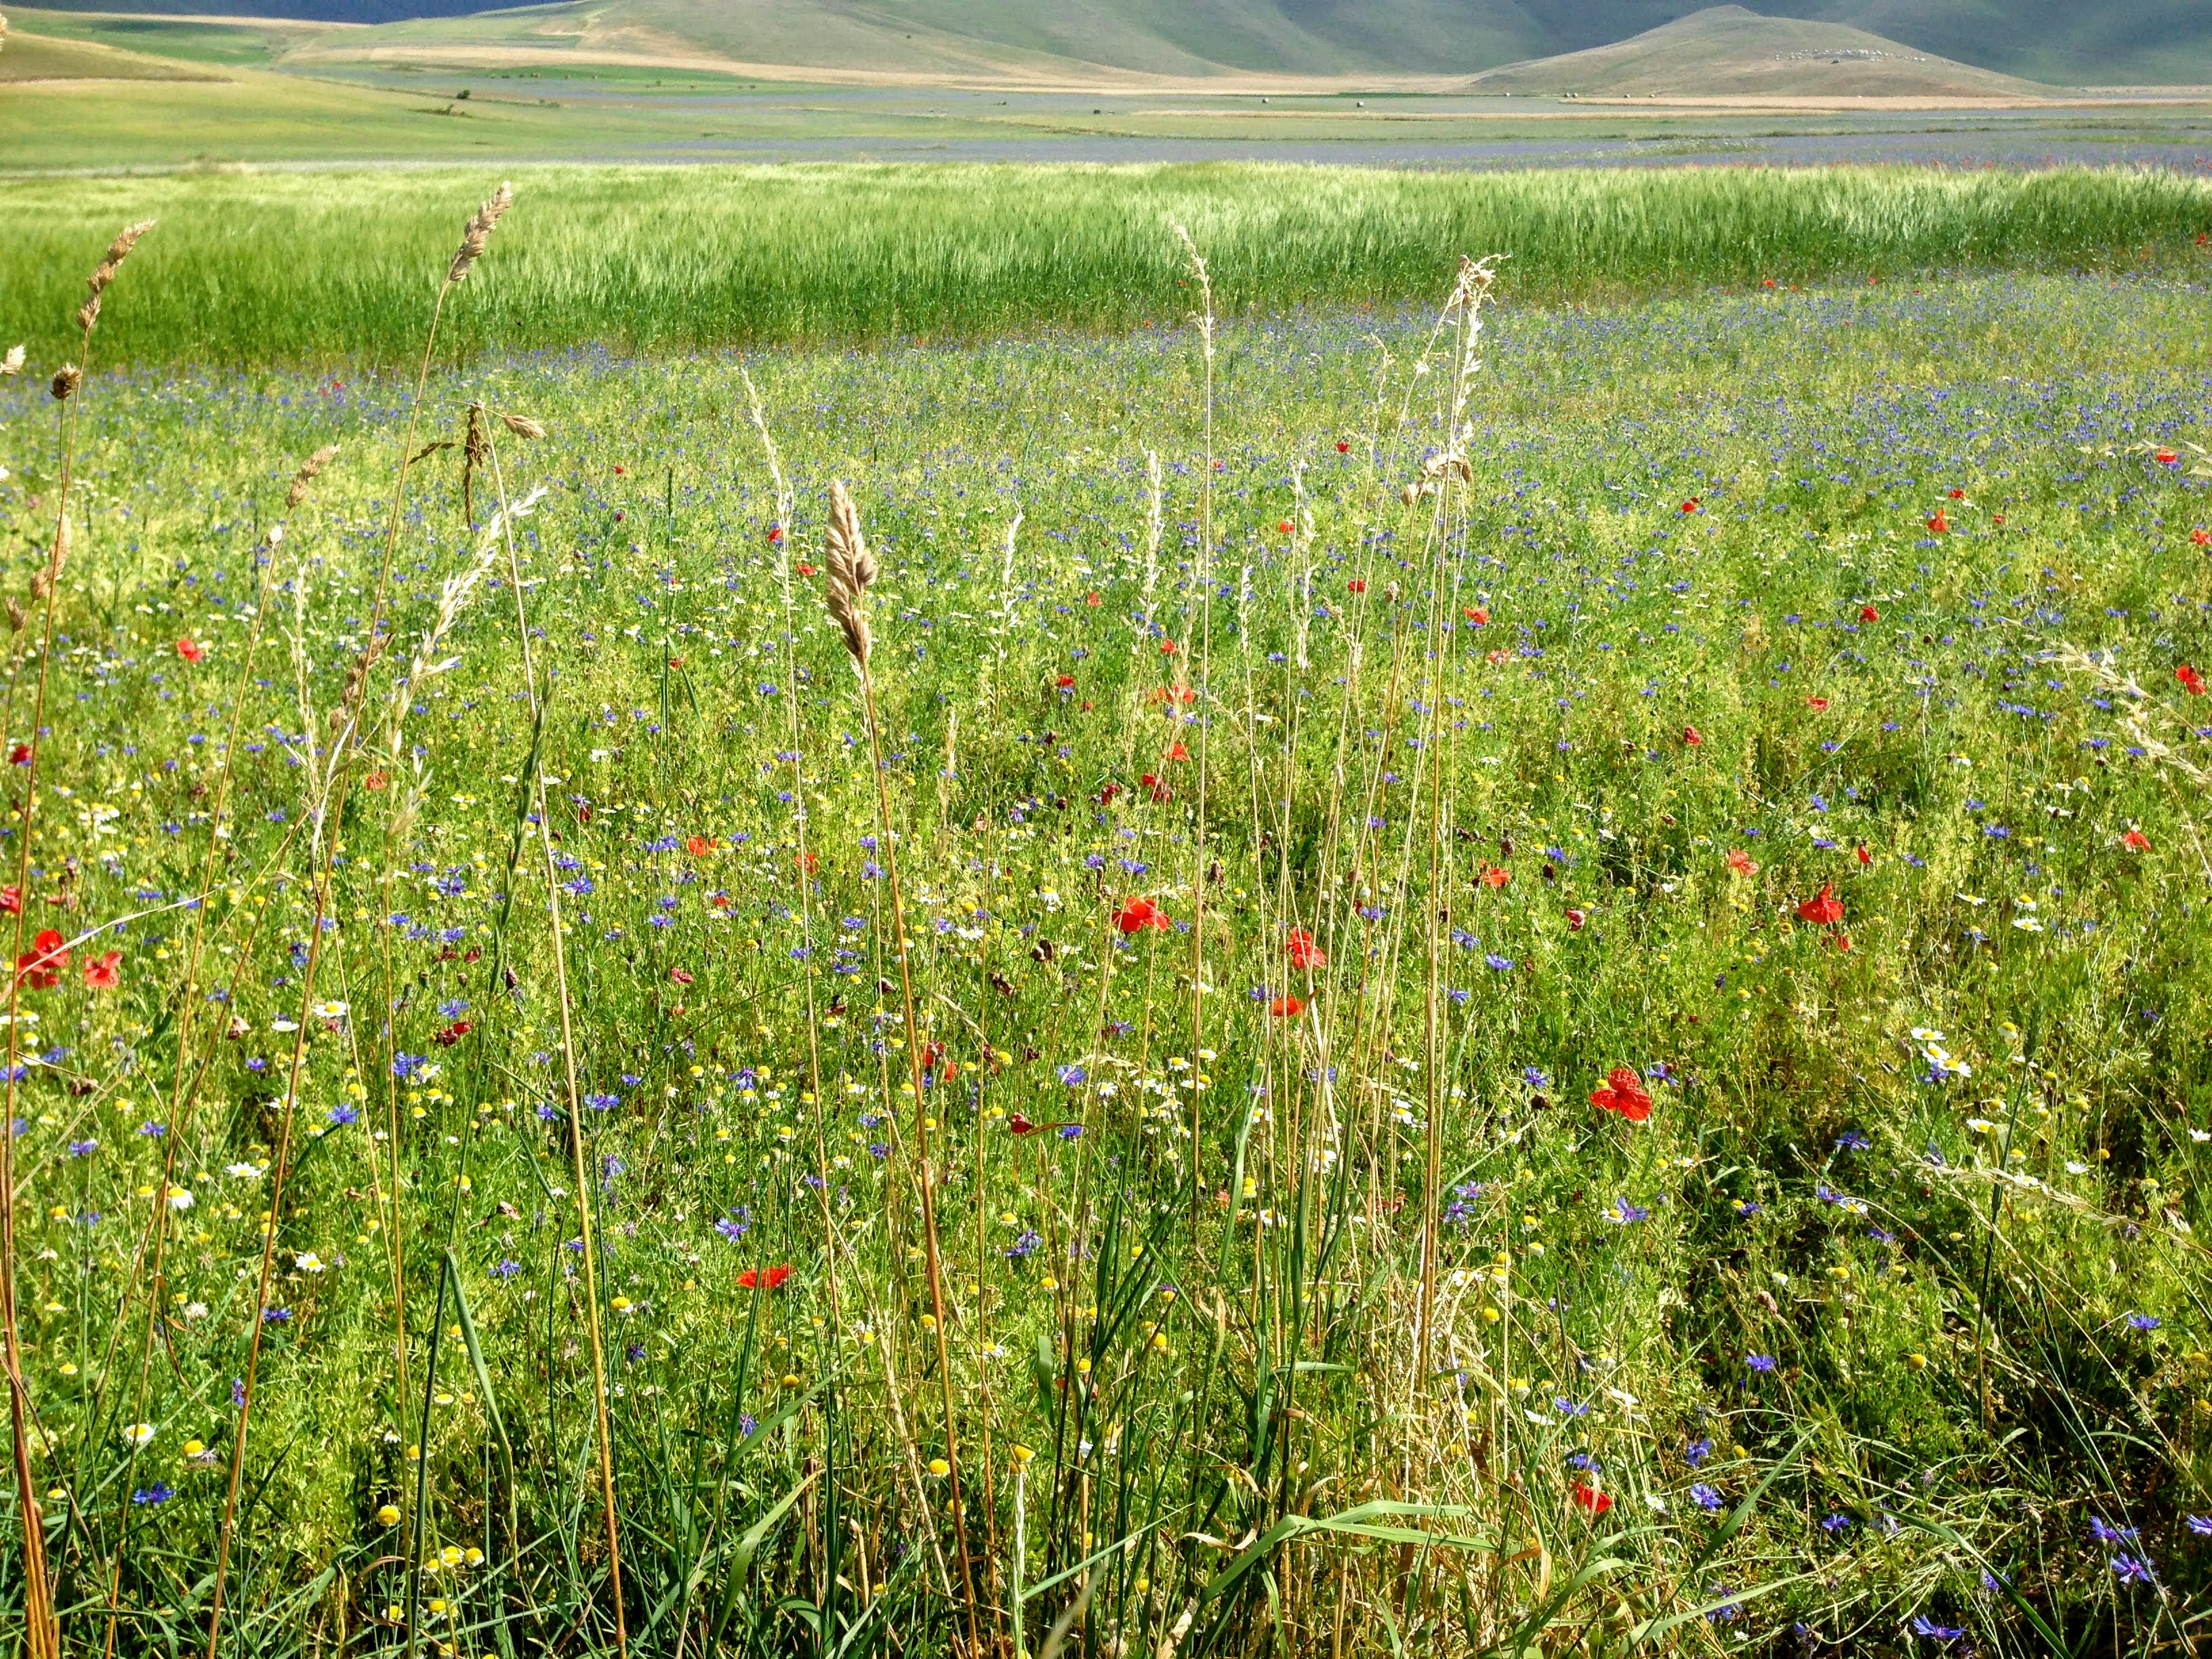 Castellucio di Norcia Umbria Italy lentil fields